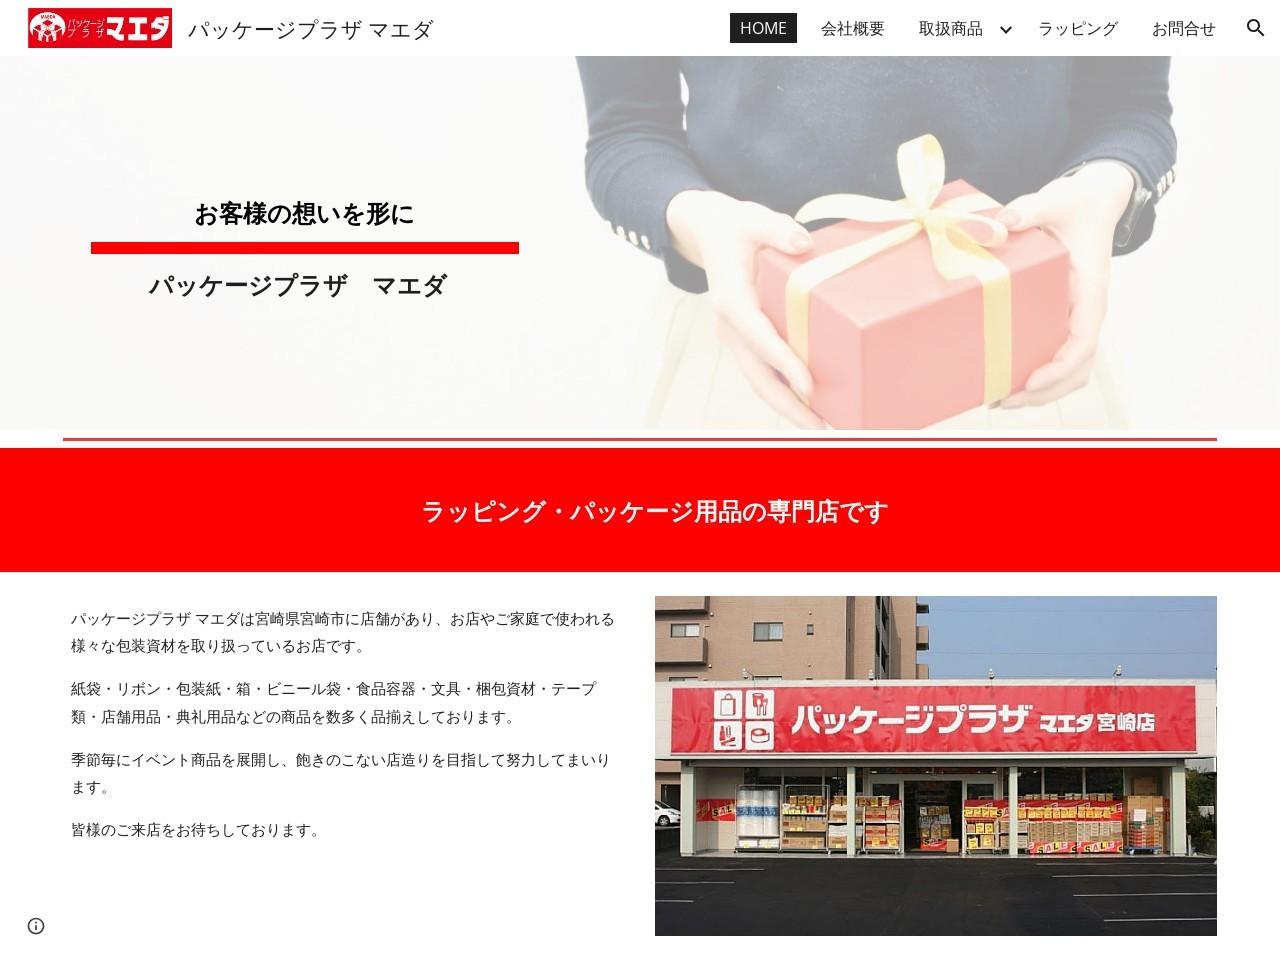 宮崎のラッピング用品専門店 パッケージプラザマエダ